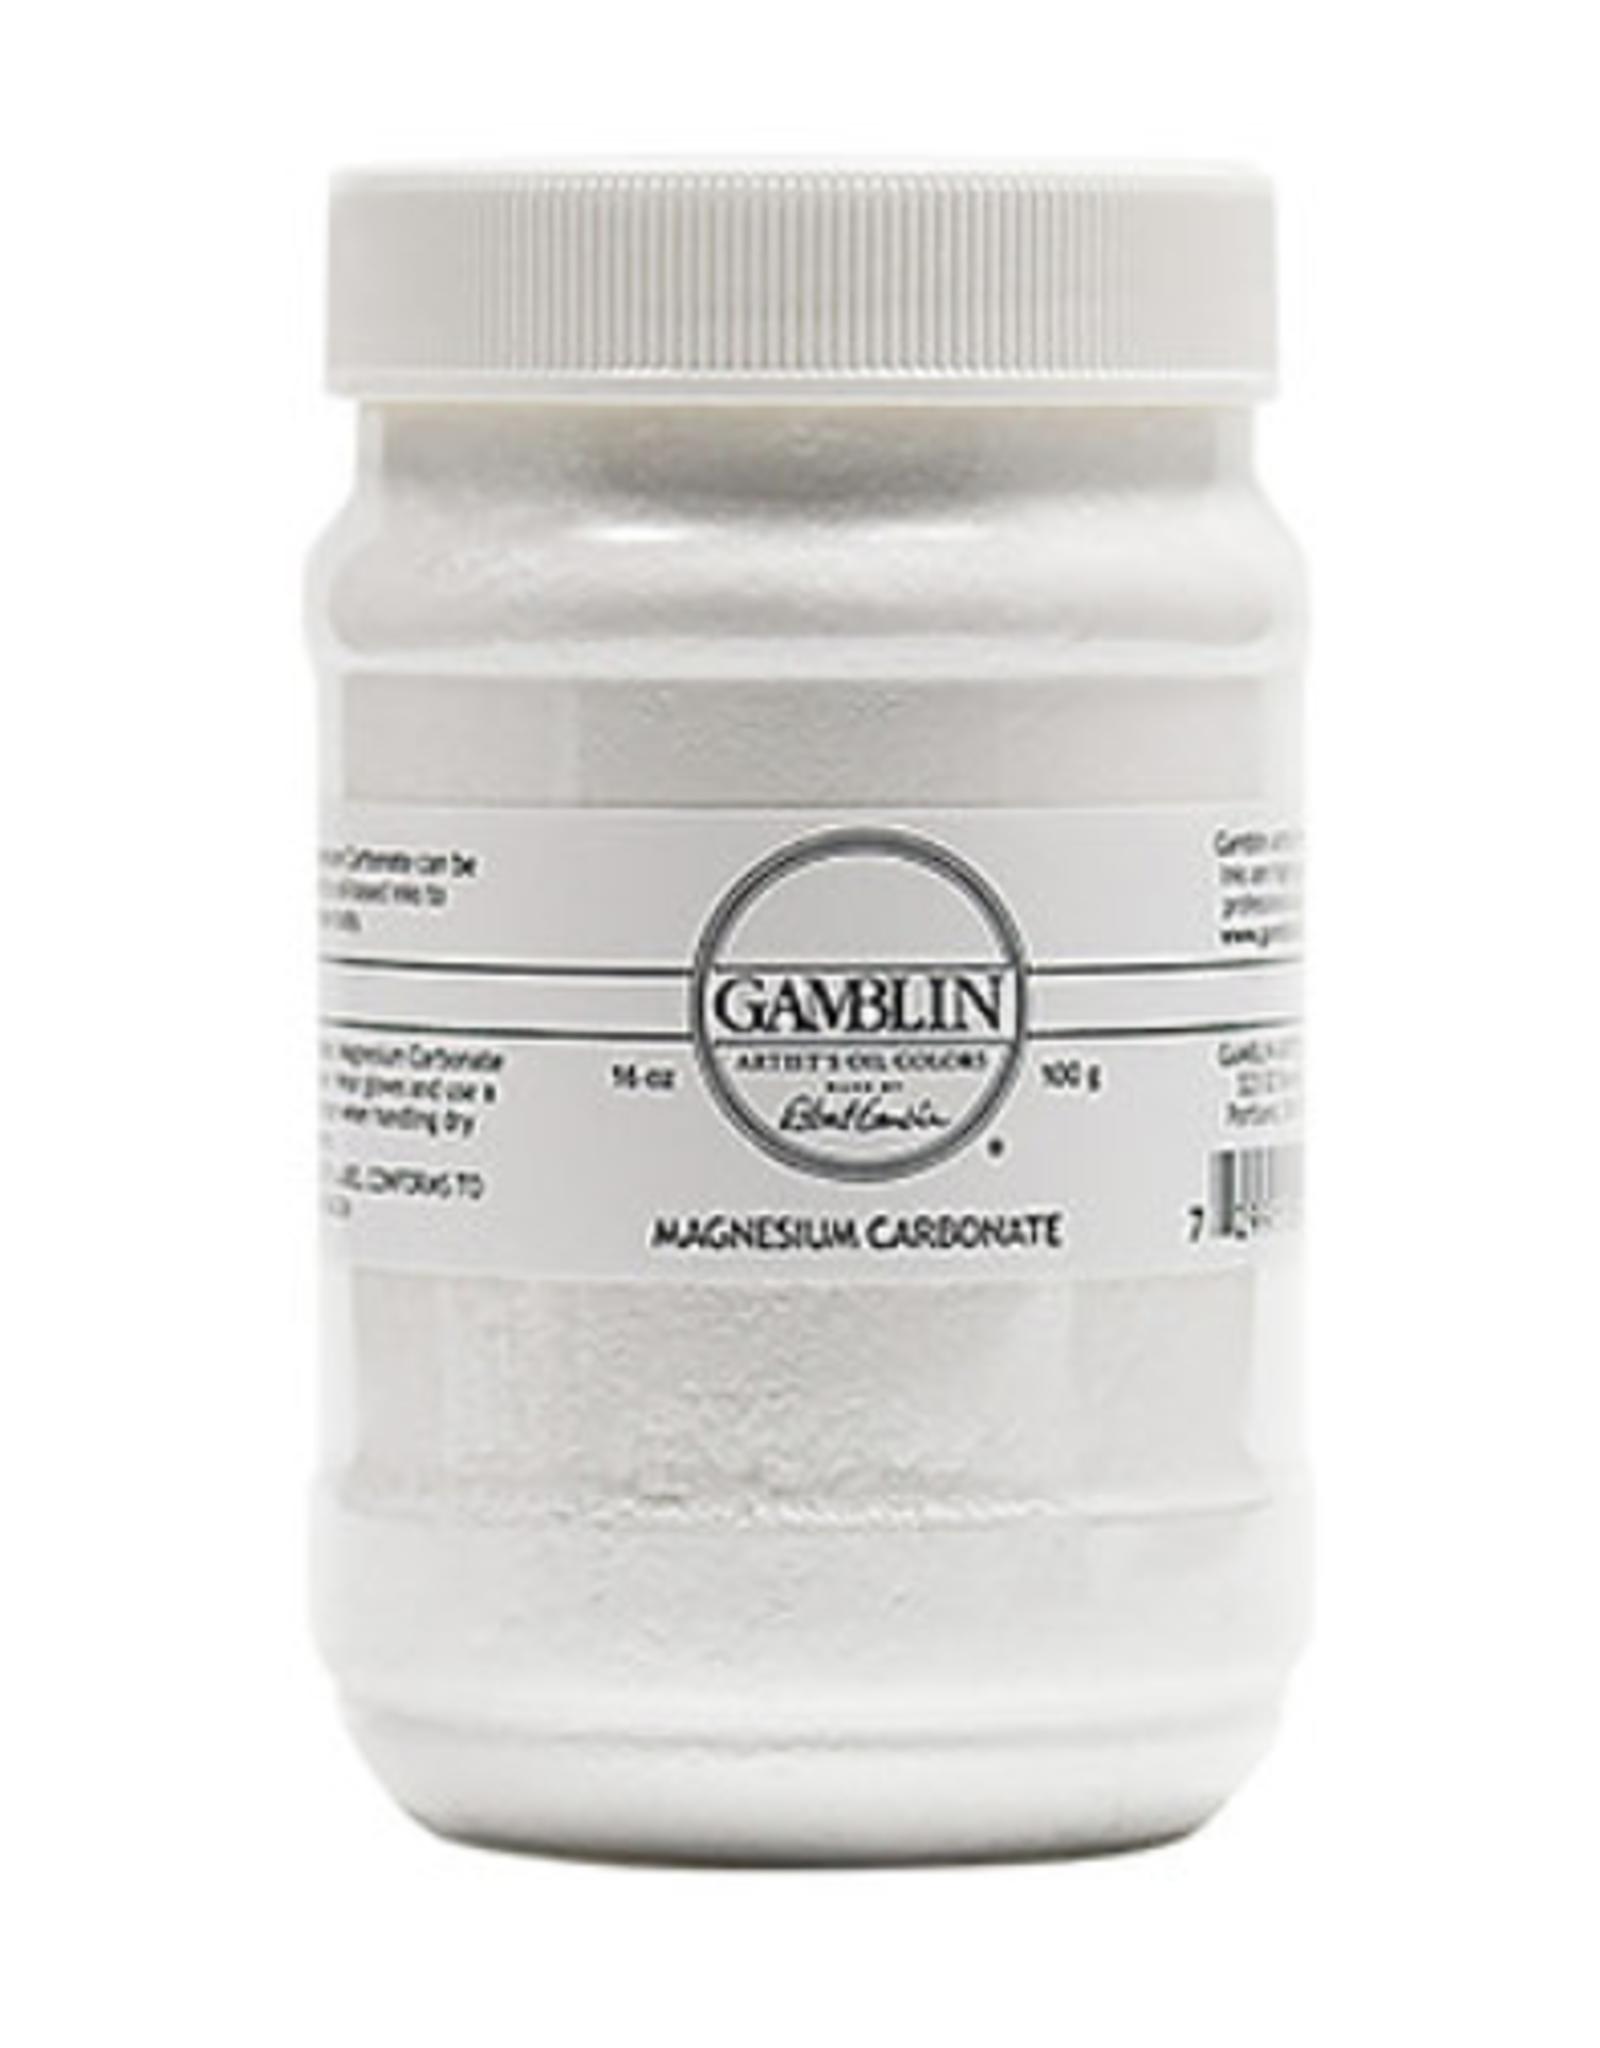 Gamblin, Magnesium Carbonate, 16oz